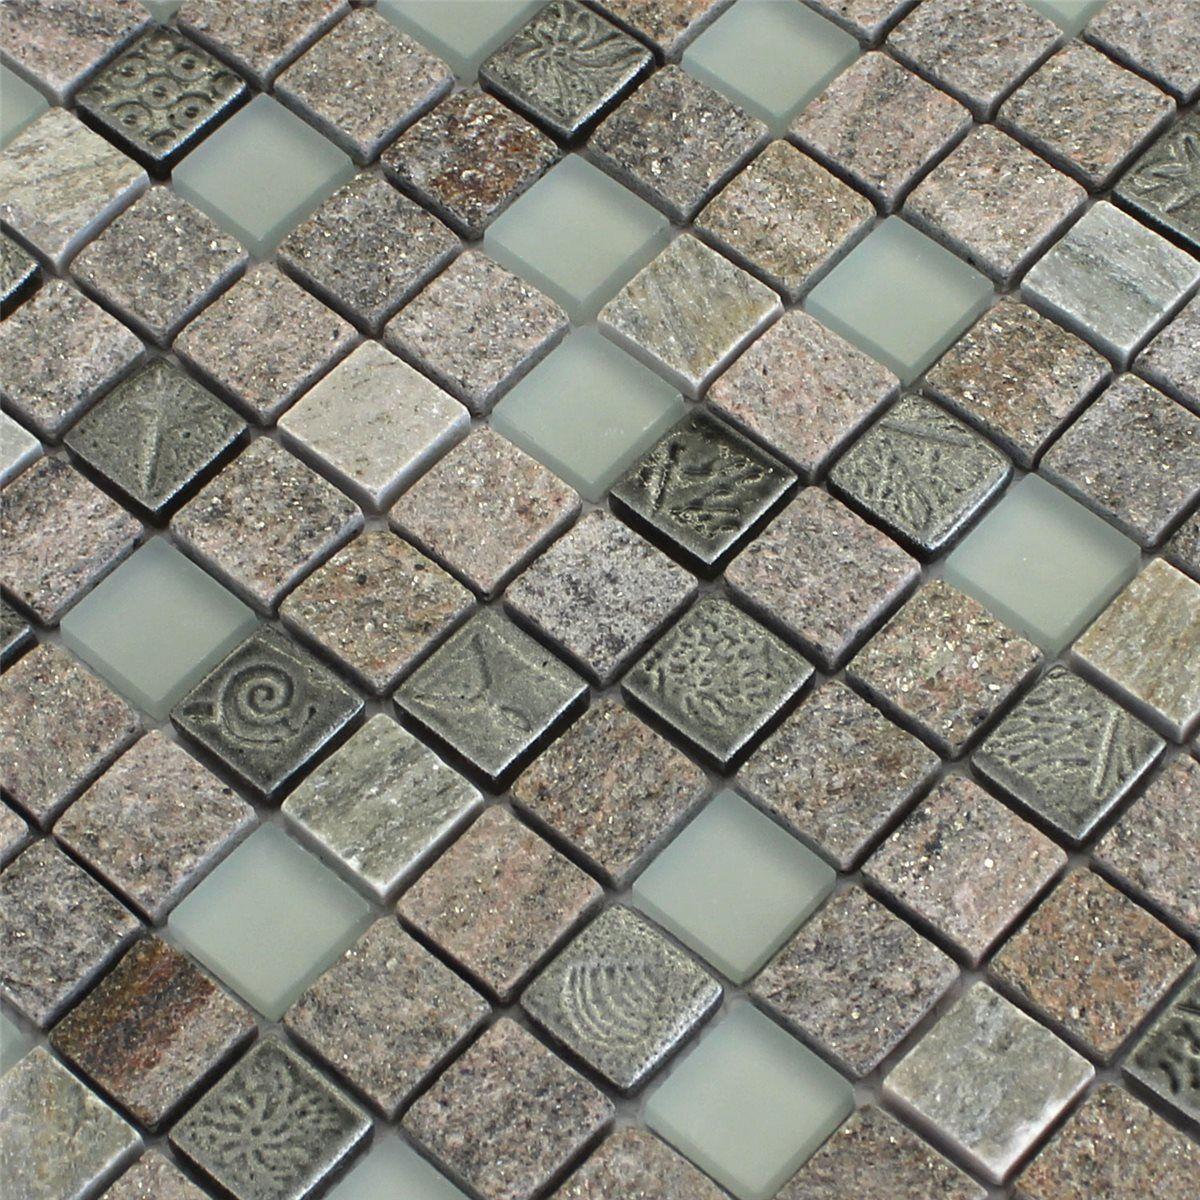 naturstein mosaik fliesen verfugen   naturstein kupfer mosaik metall